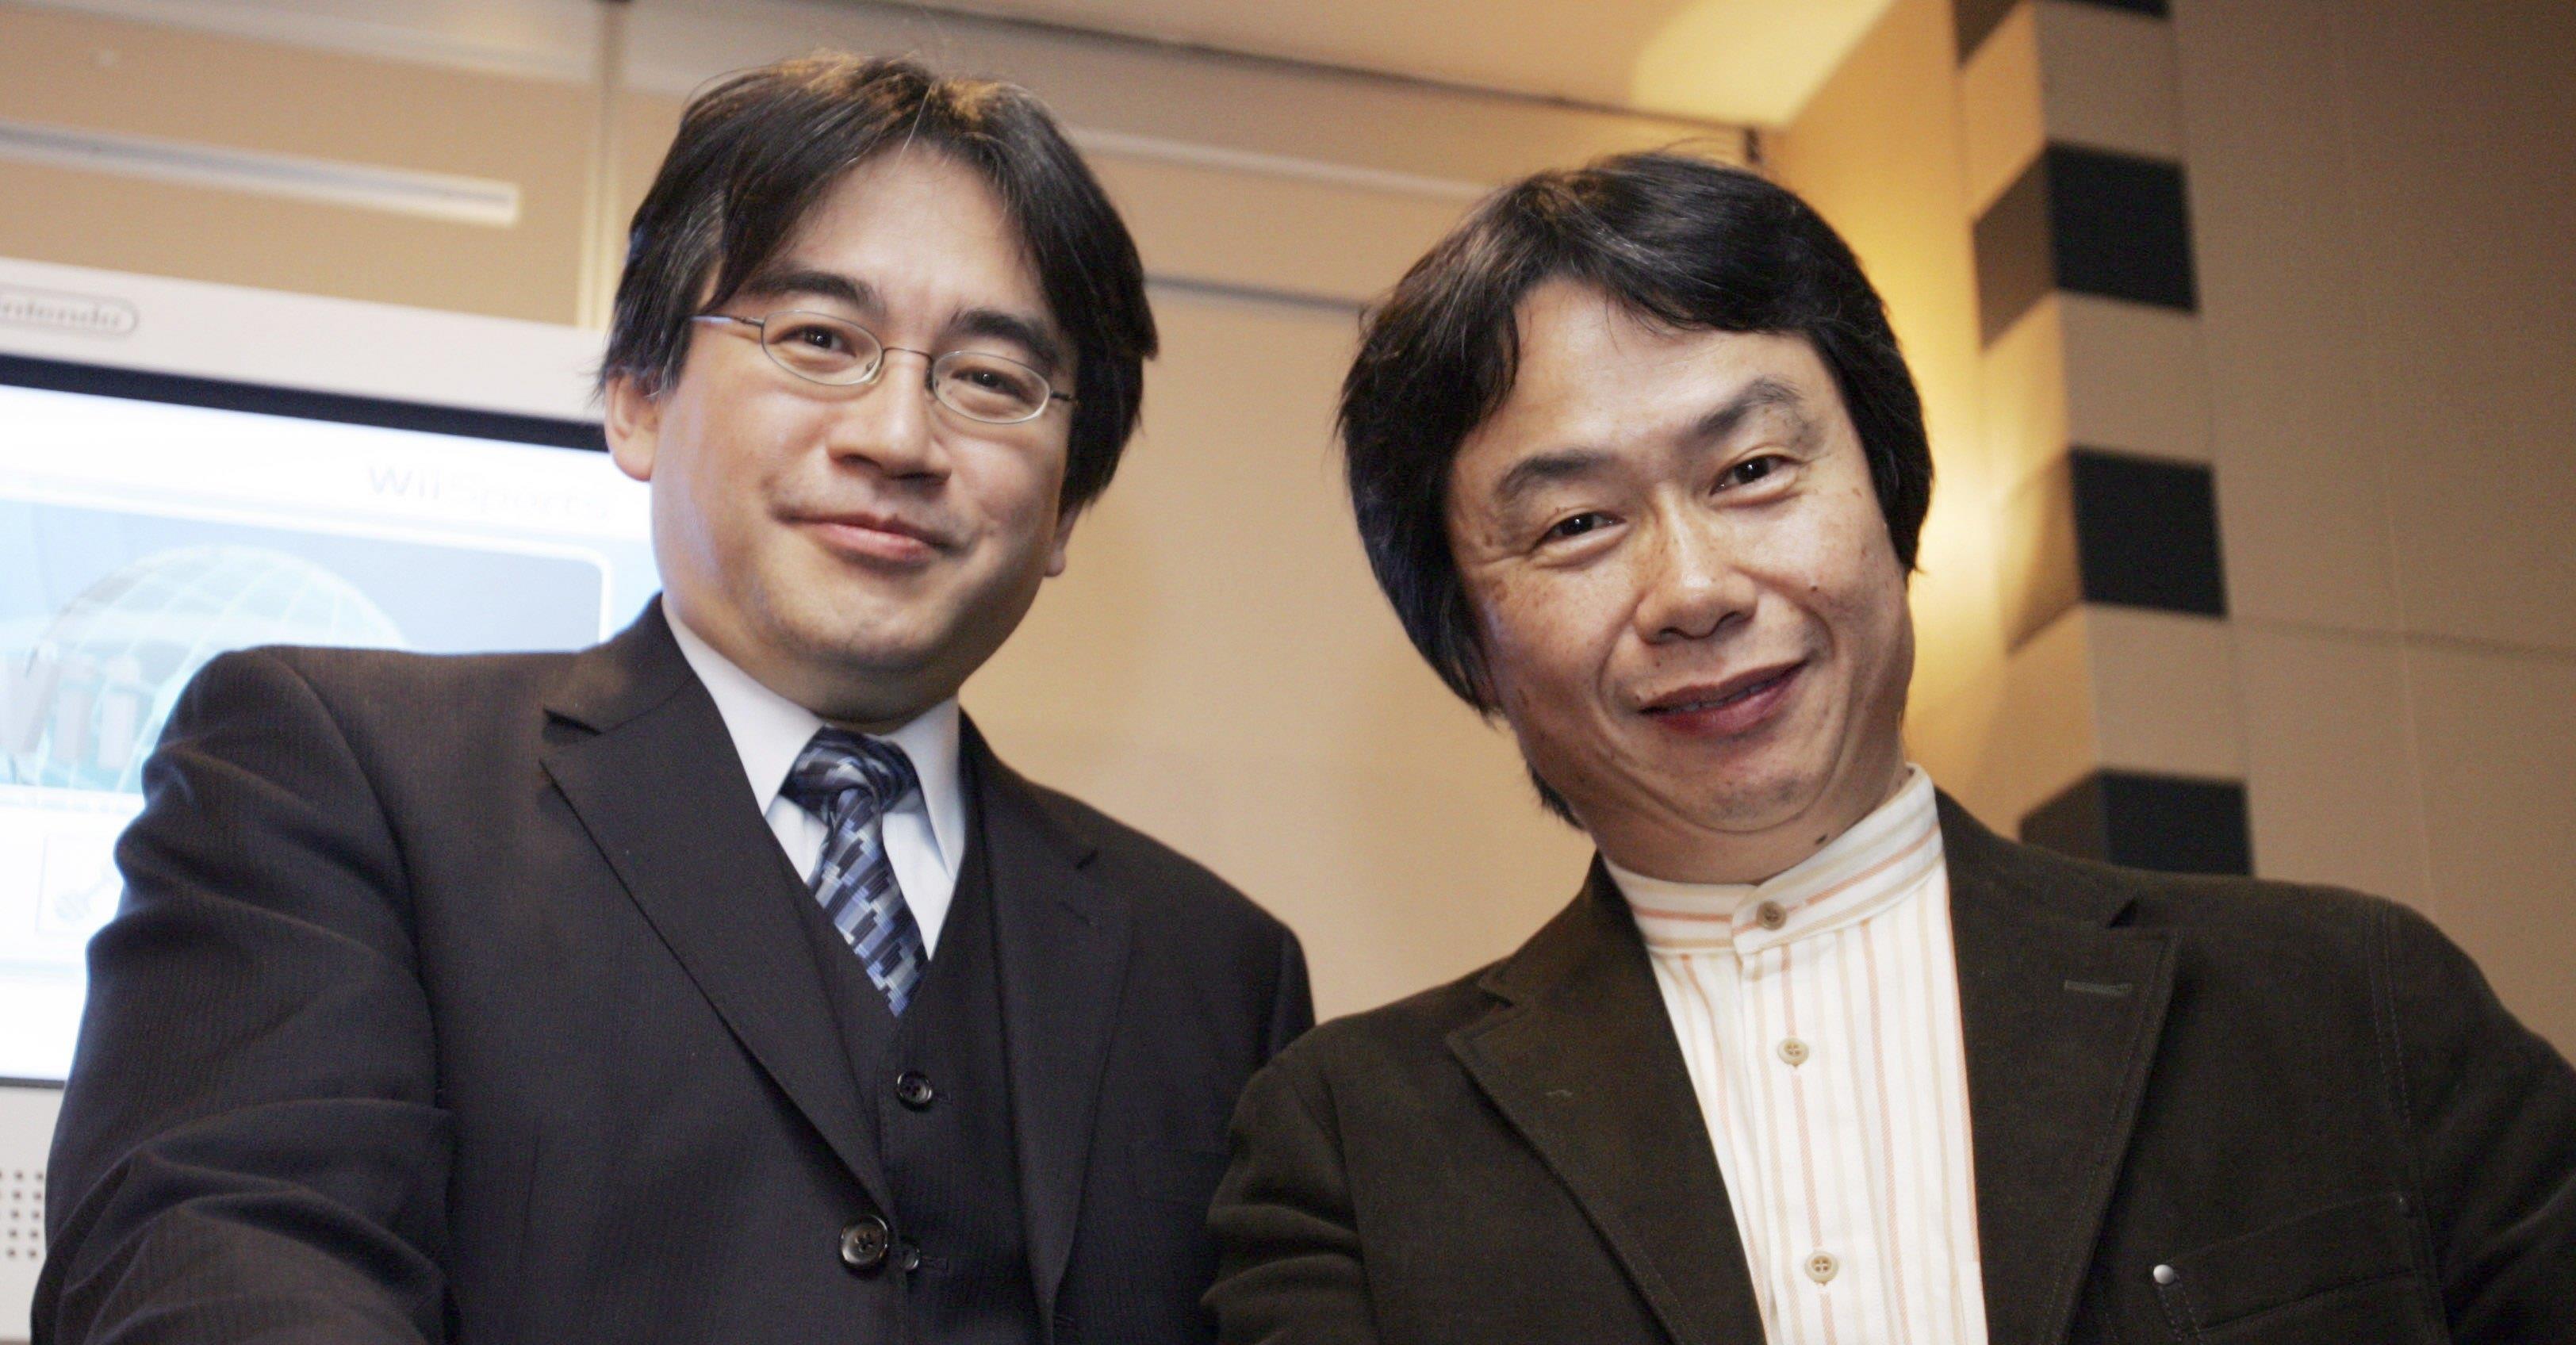 Shigeru Miyamoto reflects on his relationship with Satoru Iwata screenshot